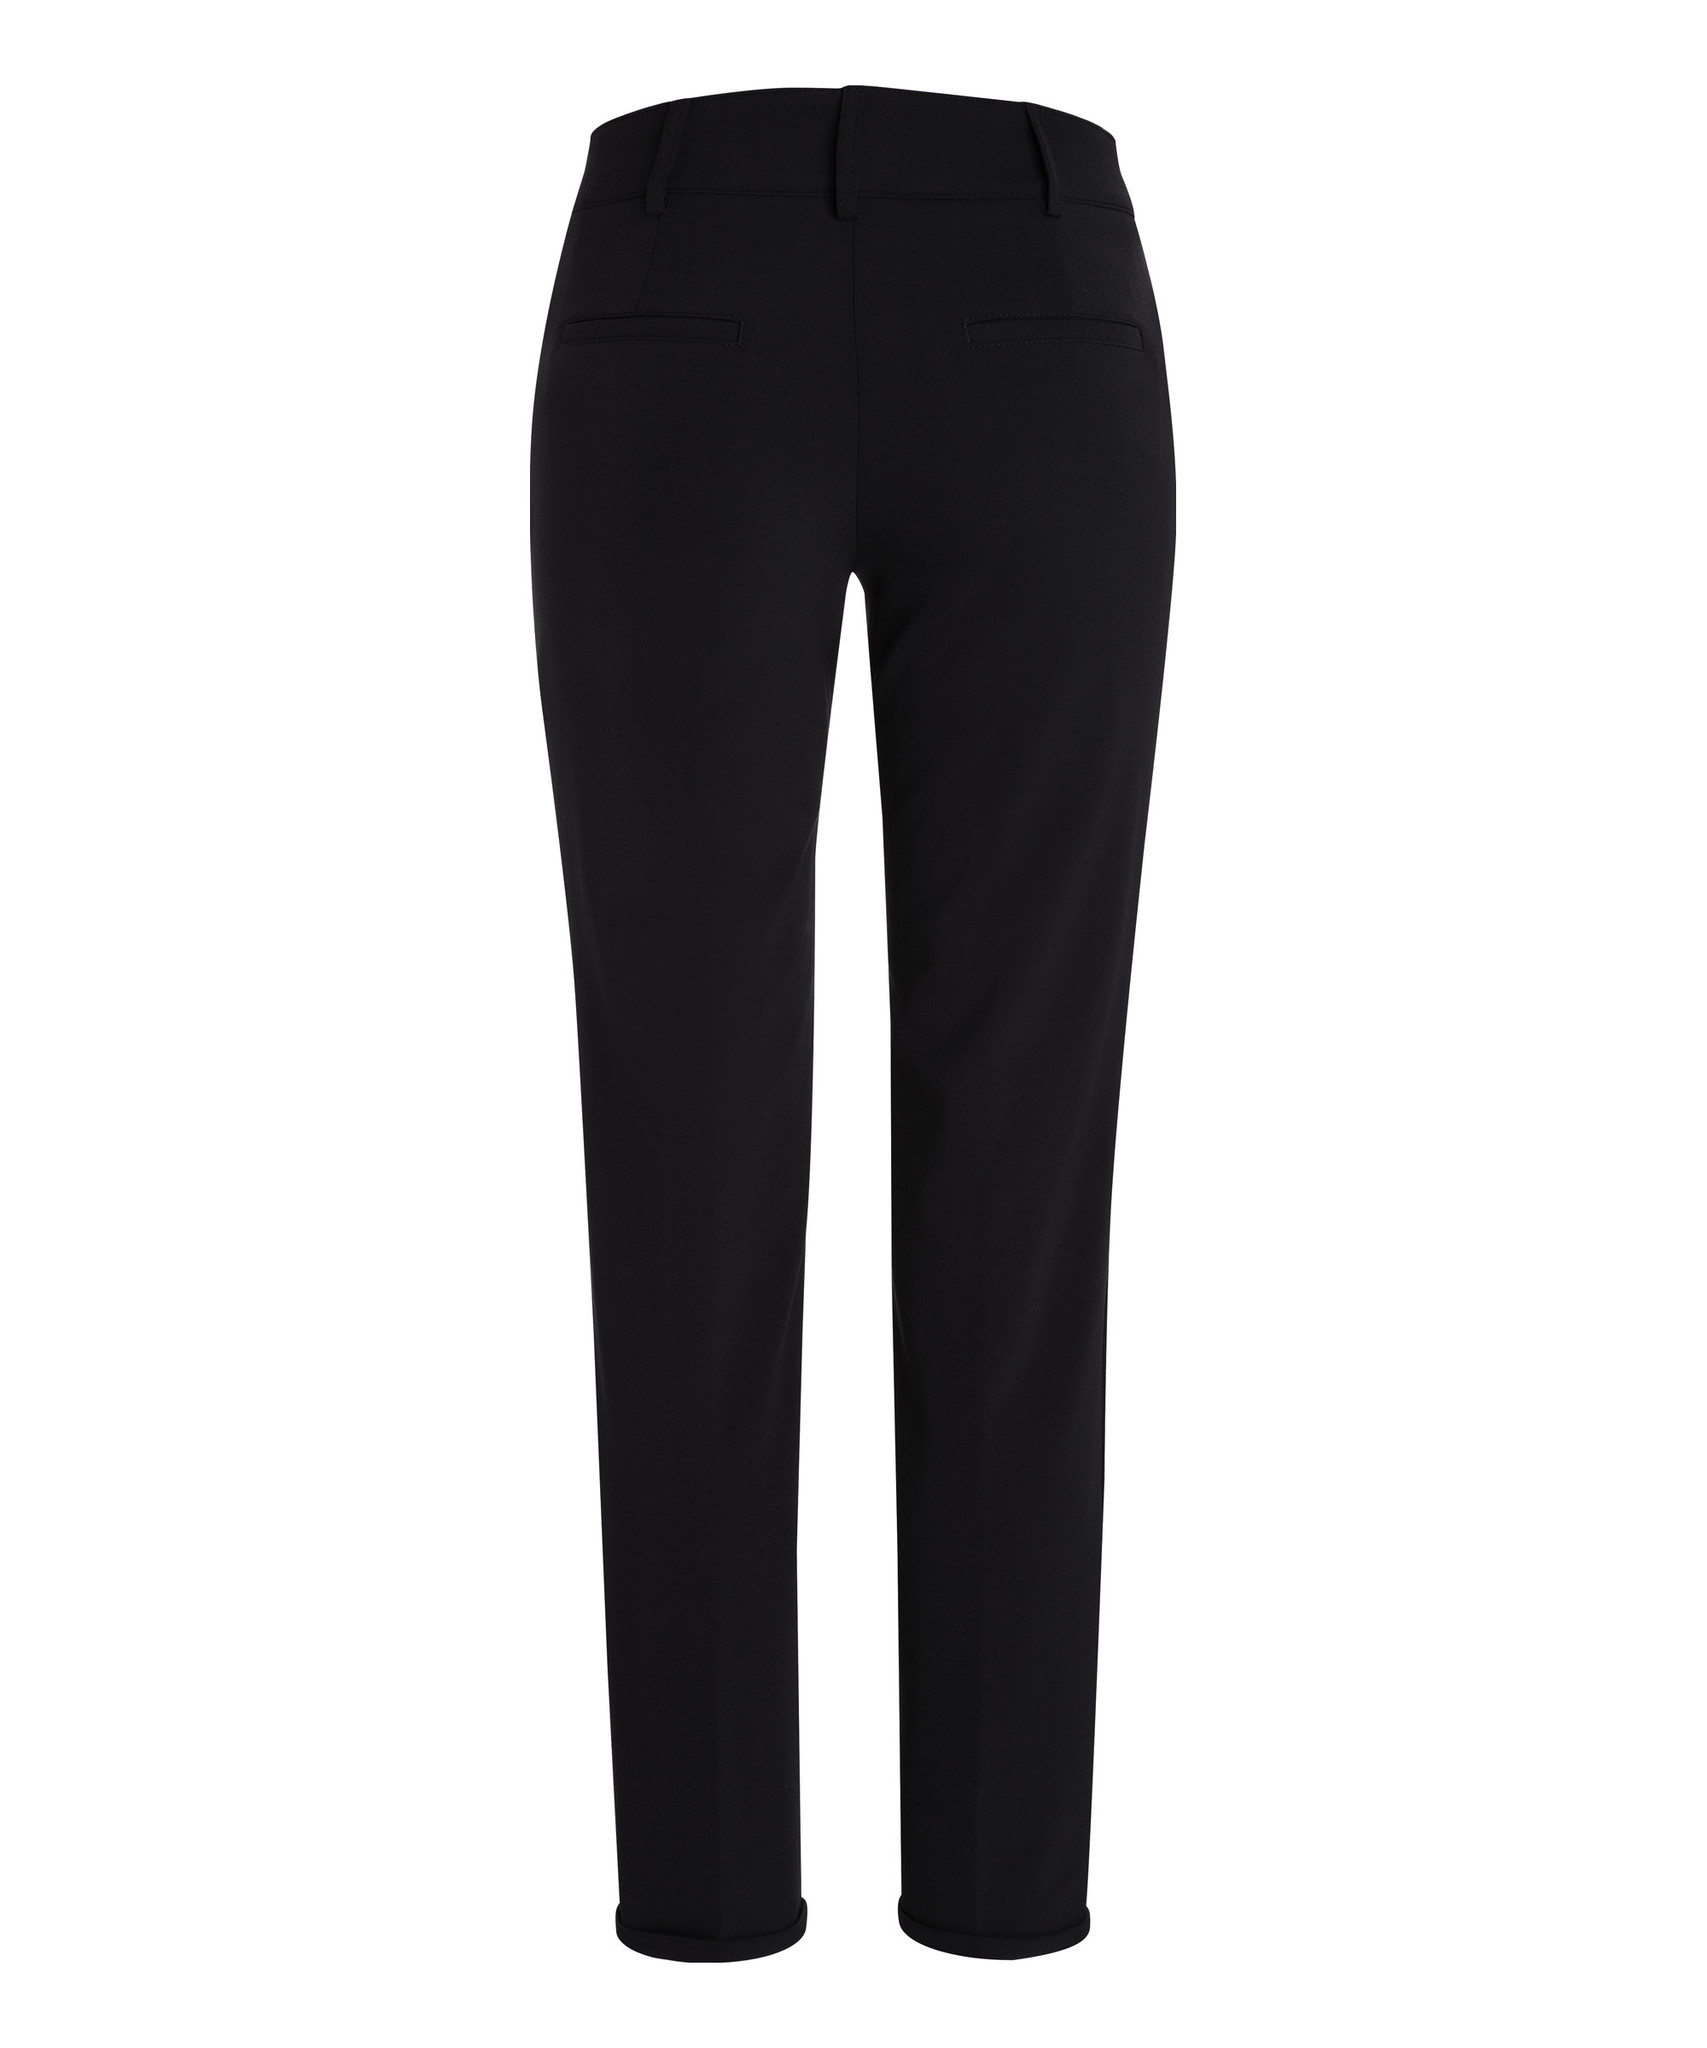 Cambio trousers RENIRA-2